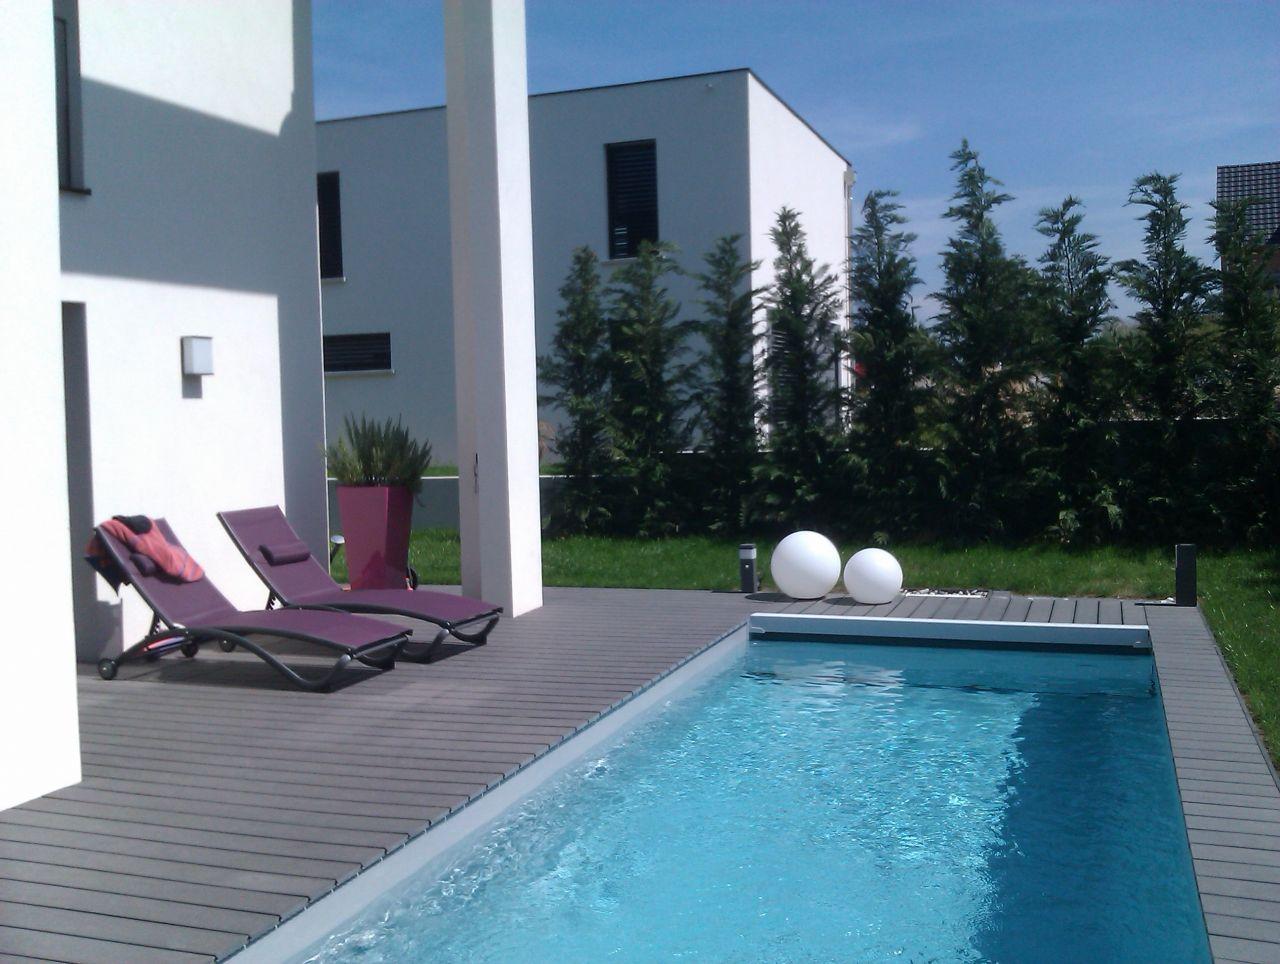 Volet déroulant pour piscine - Sierentz (Haut Rhin - 68) - aout 2013